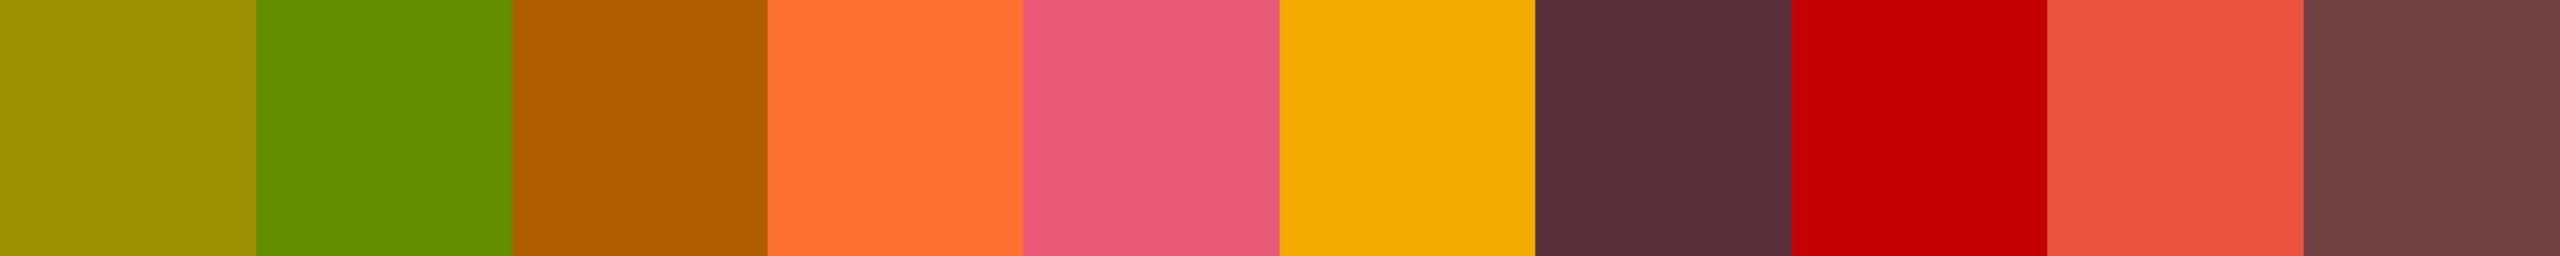 752 Beriatta Color Palette